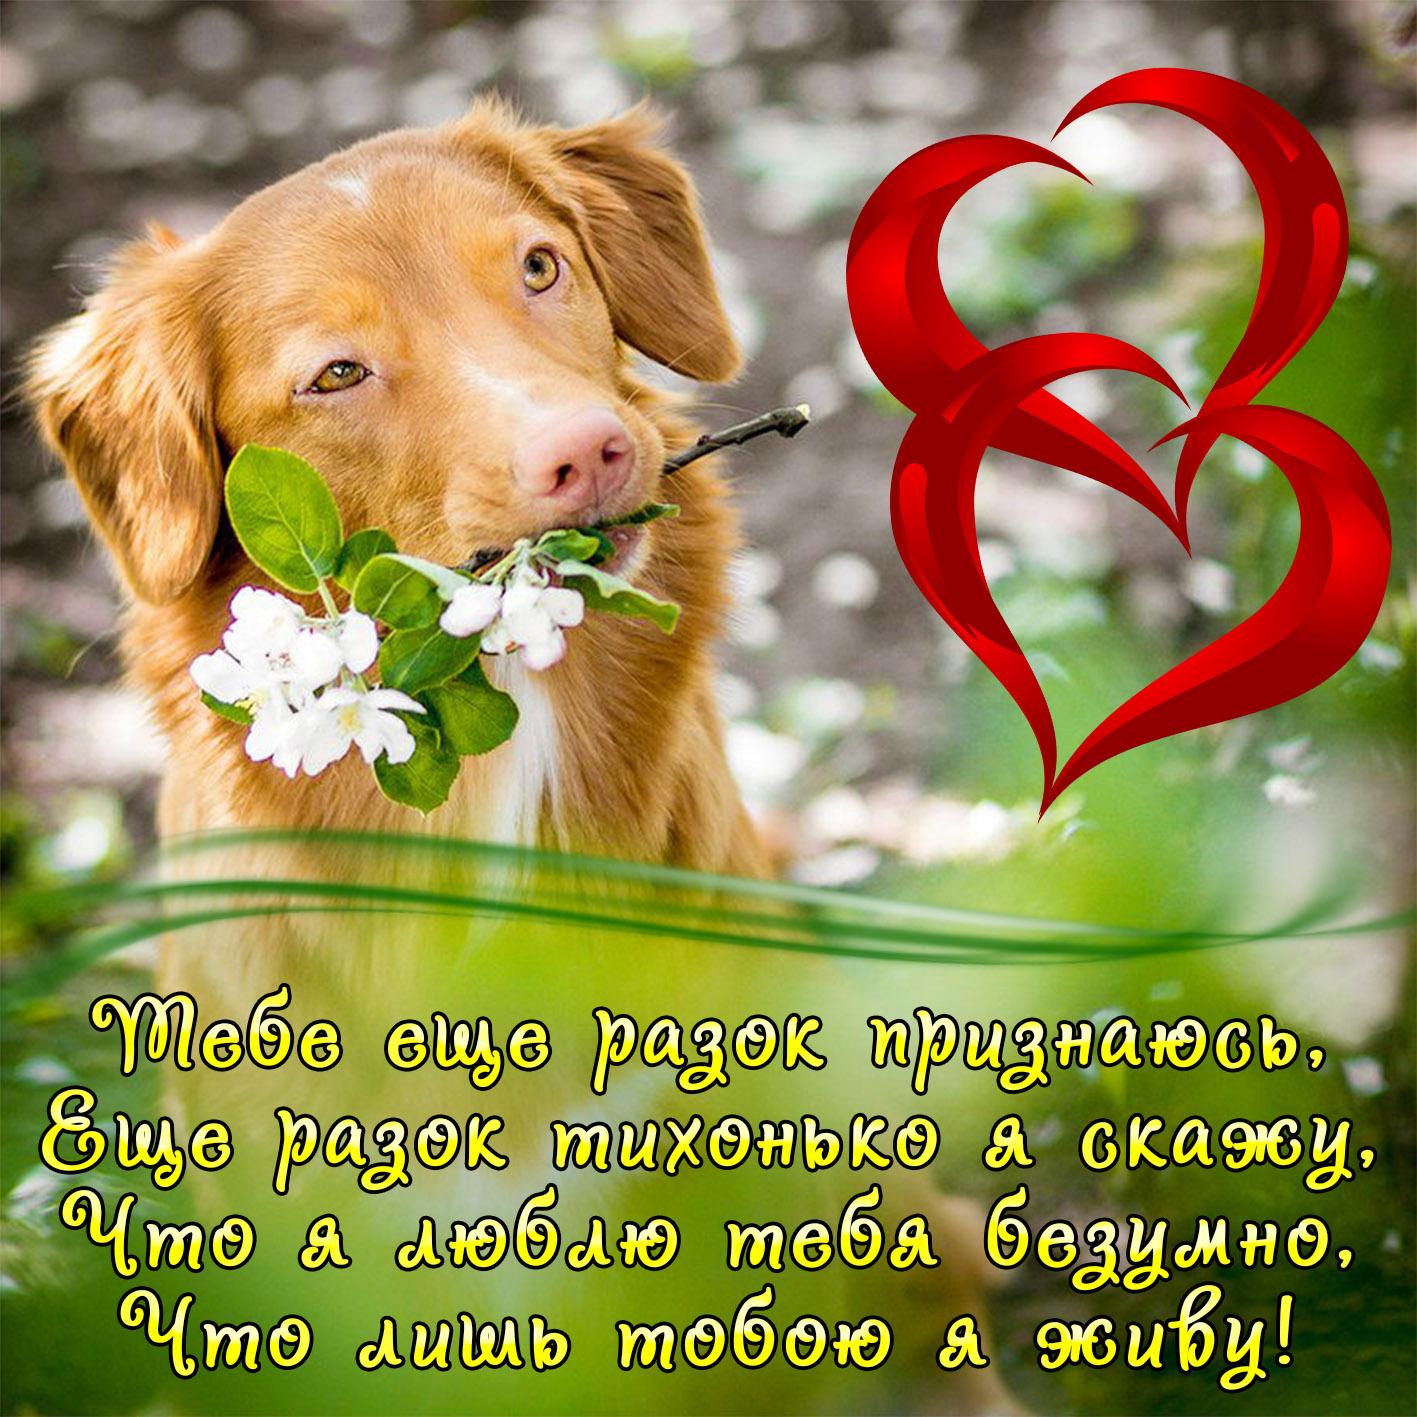 Открытка с собачкой для любимого человека